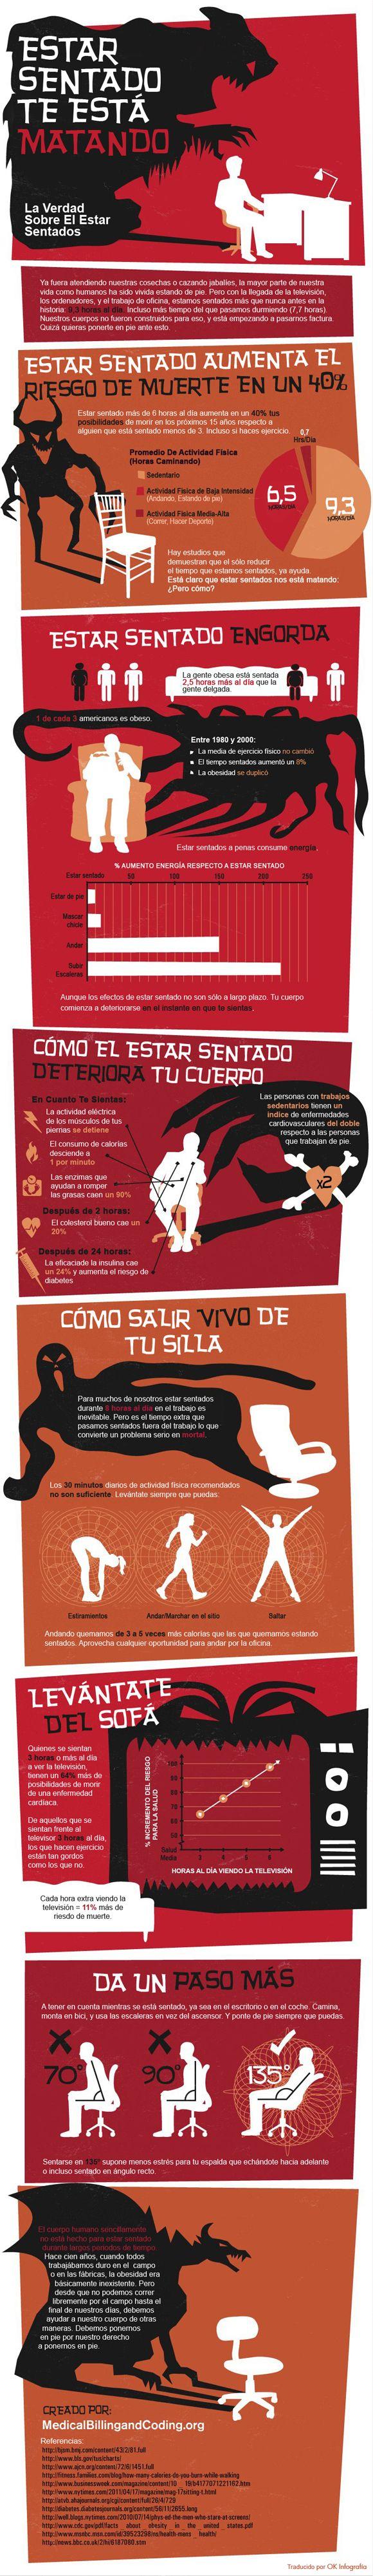 Estar sentado te está matando #infografia #infographic #salud